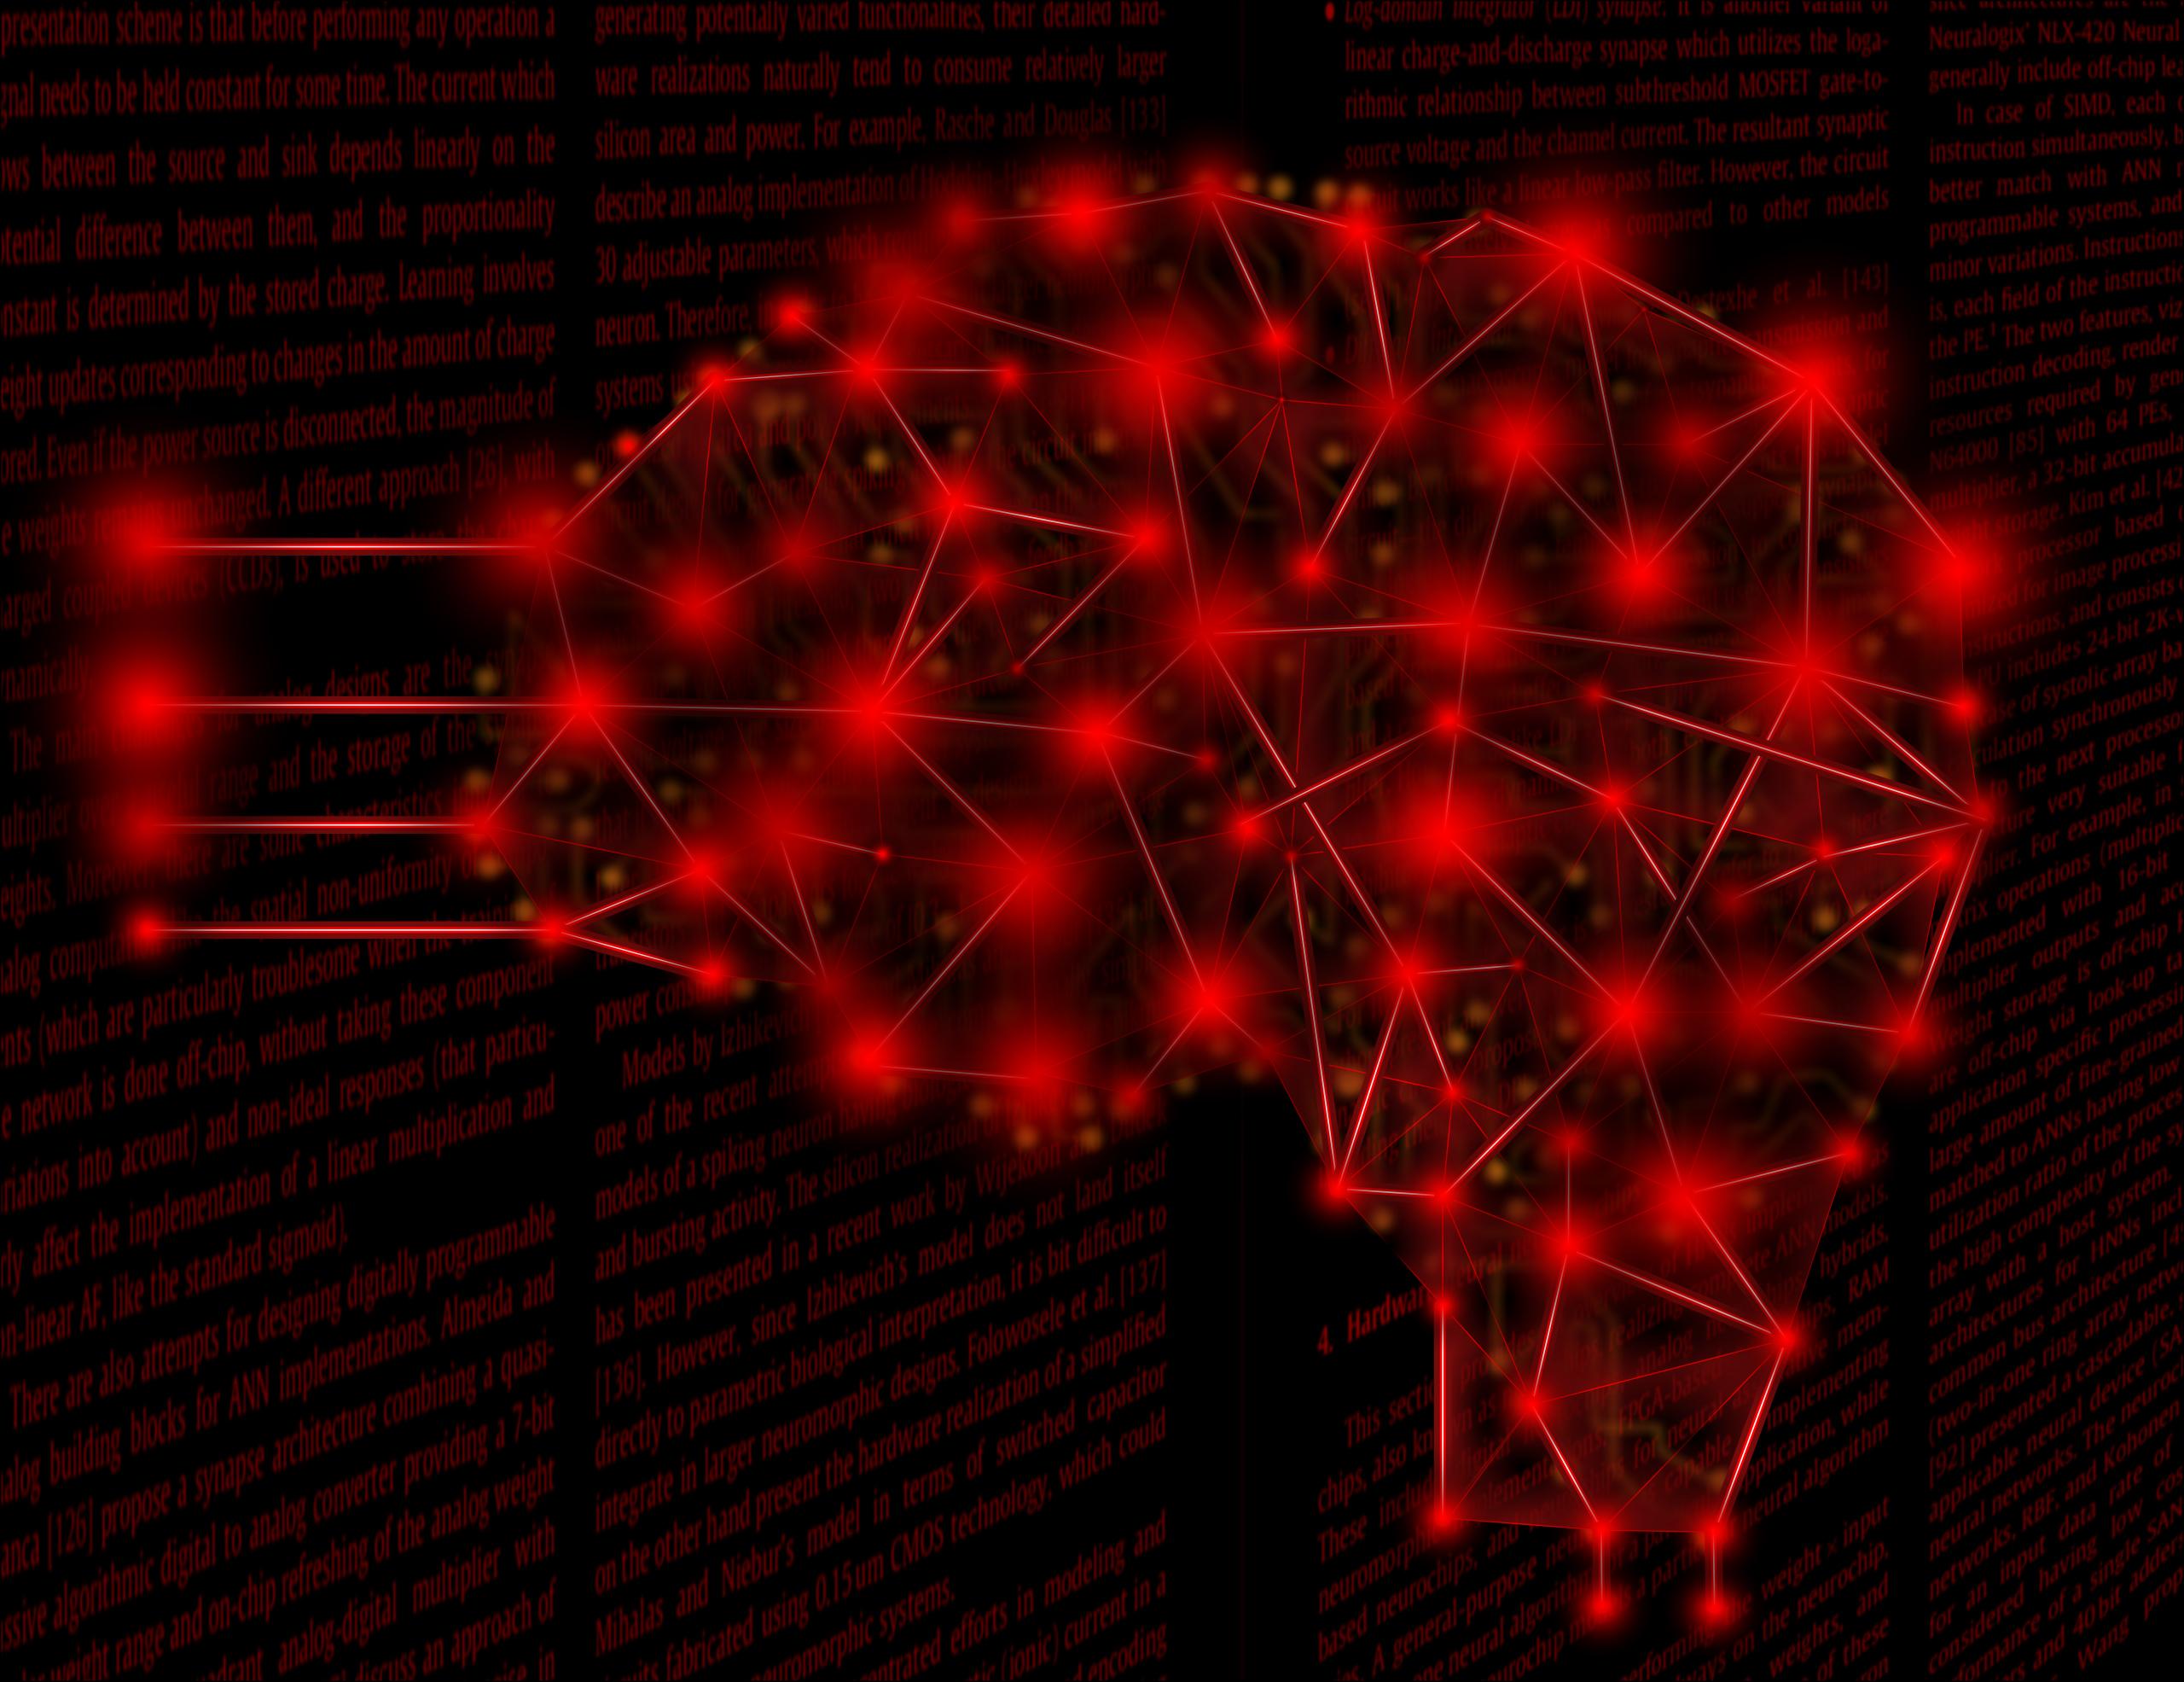 imagen de Visión artística de una implementación fotónica de inteligencia artificial. Una red neuronal de láseres estocásticos acoplados, constituye un sistema que puede ser entrenado para ejecutar tareas de computación. /Cefe López